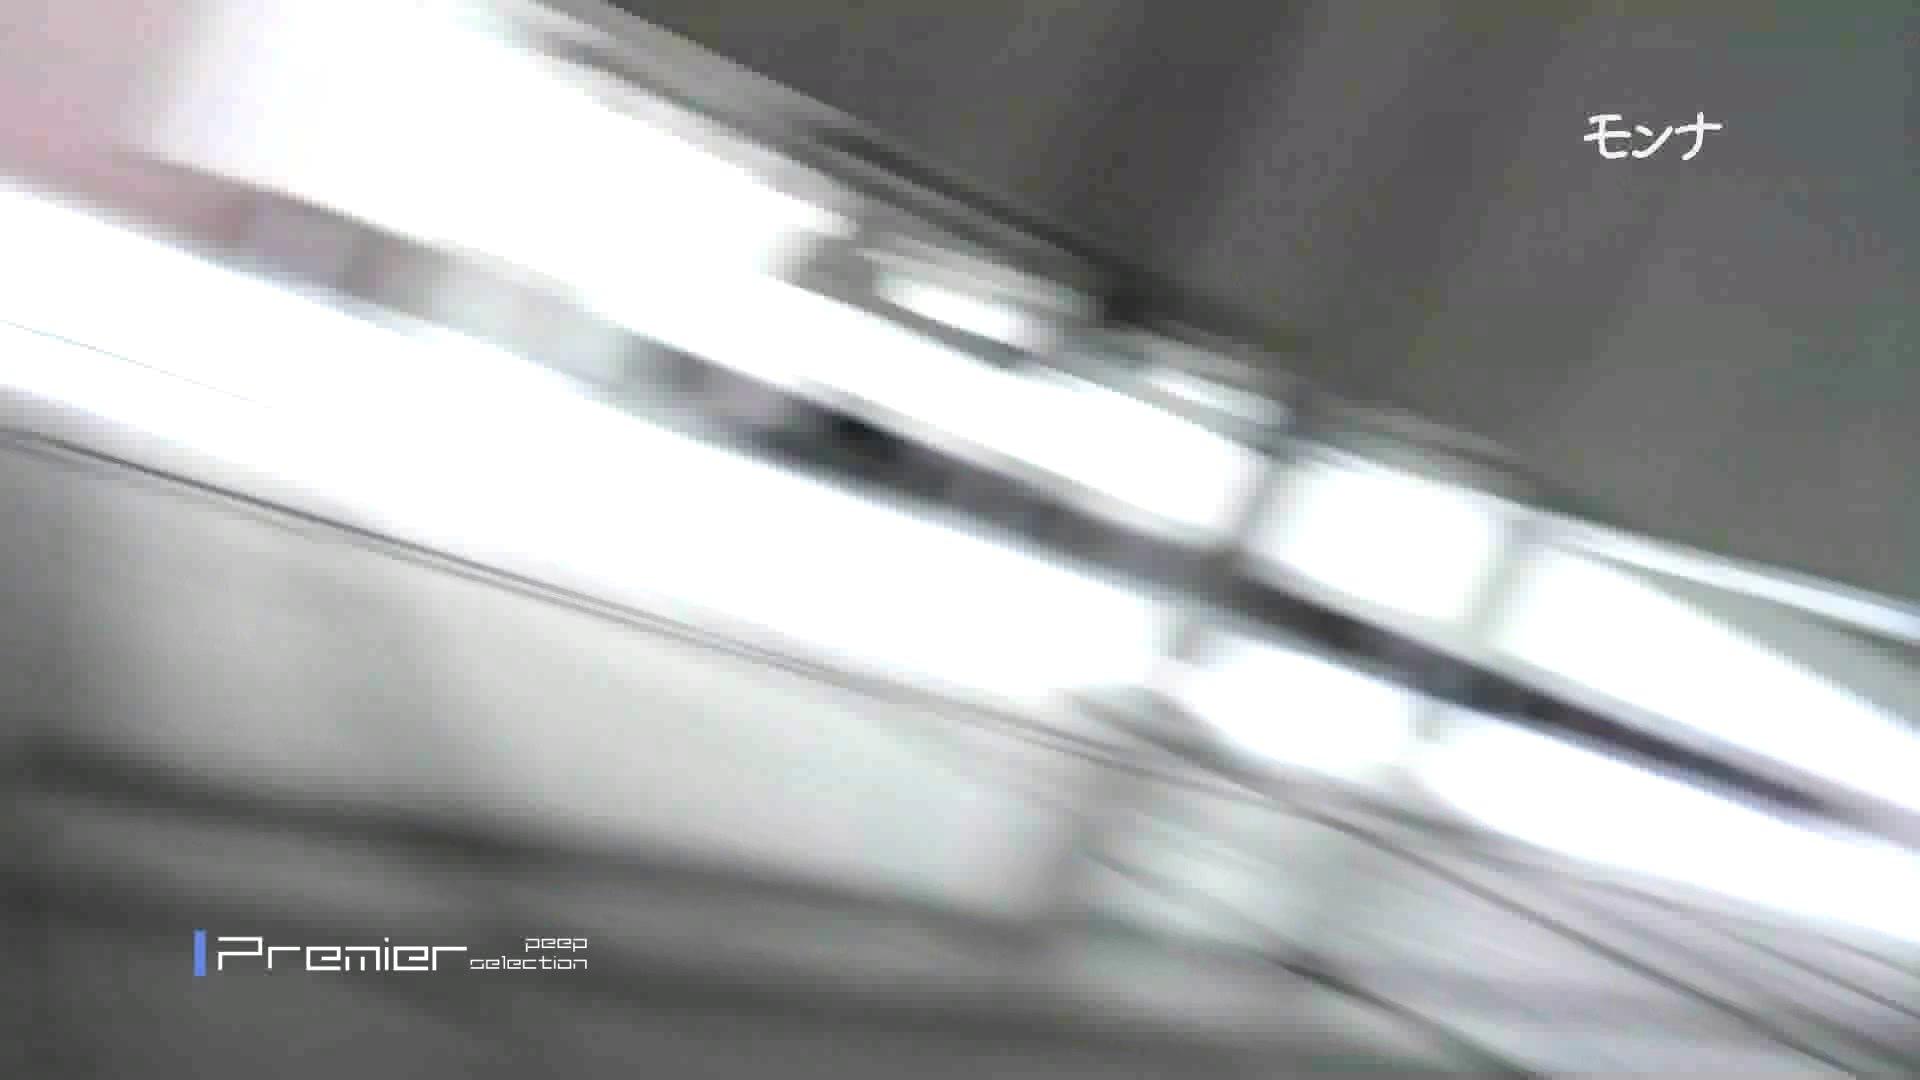 遂に!!戸田恵梨香似の予告モデル登場ダッシュで「大」 盗撮  105pic 9